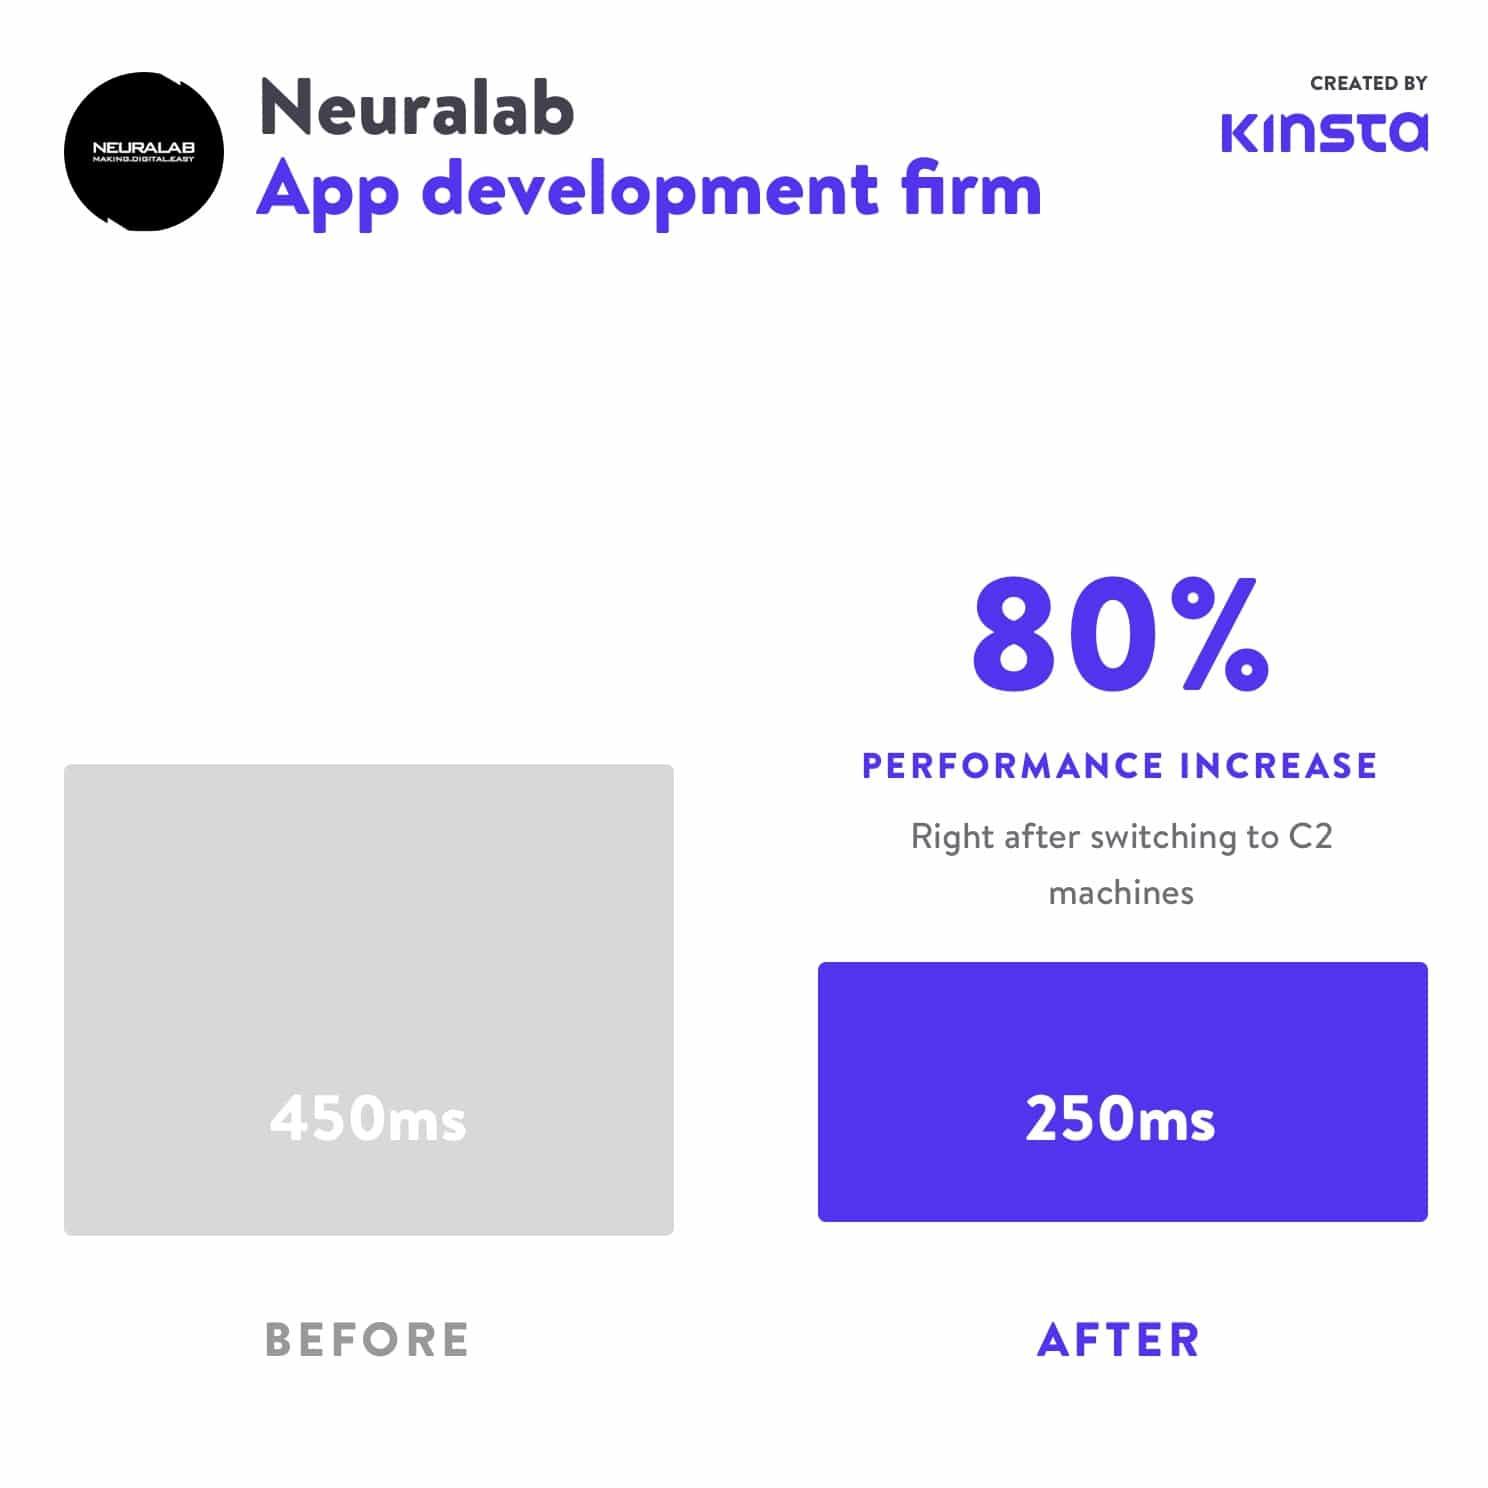 Después de cambiar a la fase C2, el rendimiento de Neuralab aumentó en un 80%.